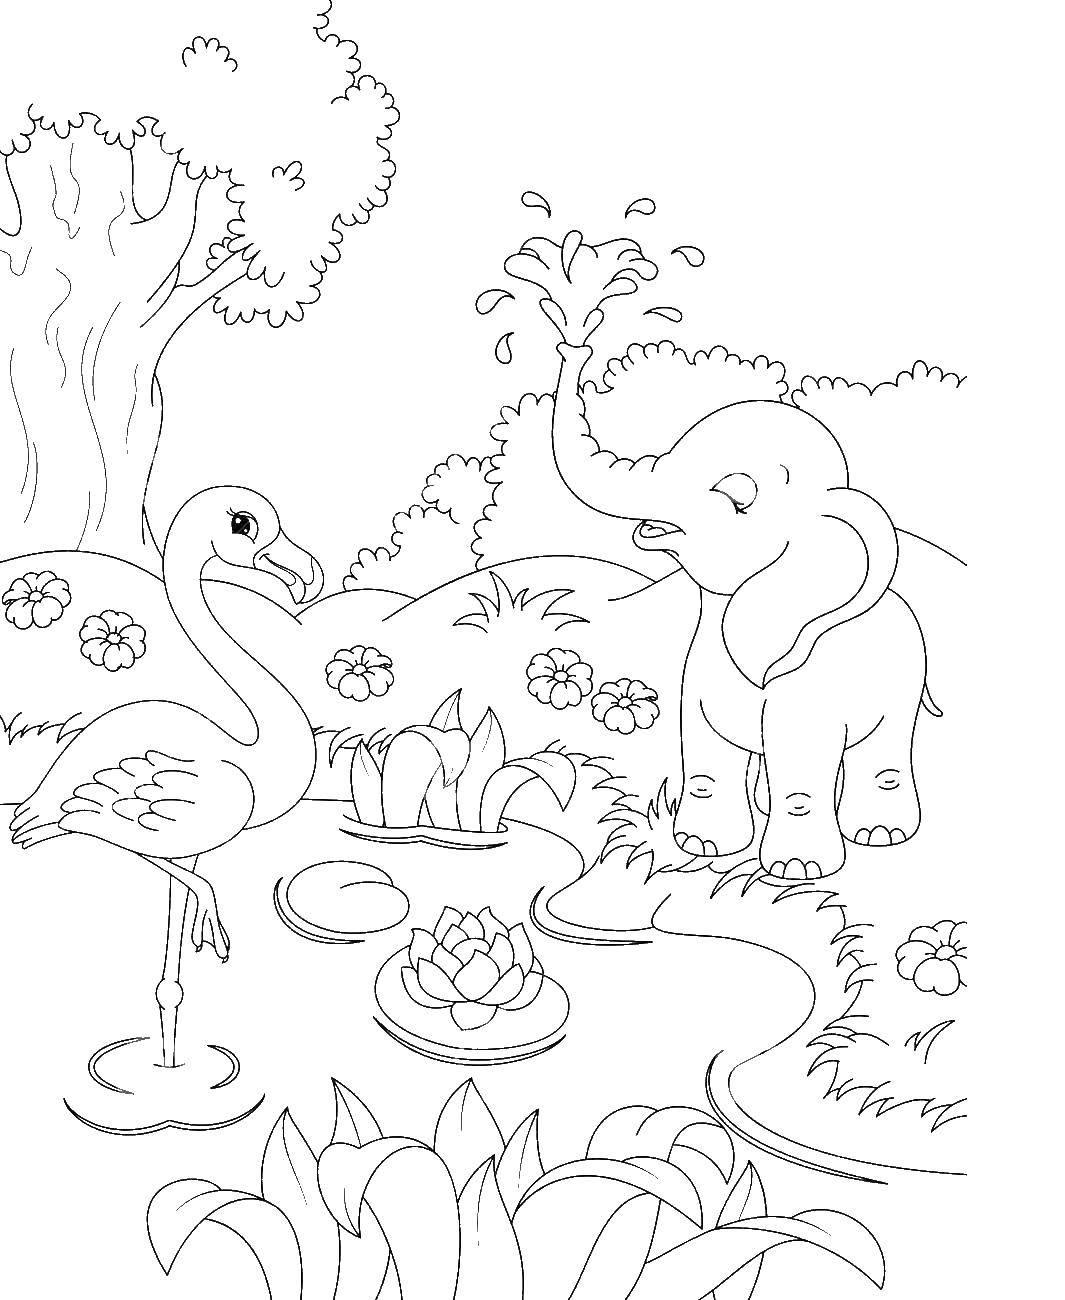 Раскраска Фламинго и слон на болоте с кувшинками Скачать фламинго, слон, болото, кувшинки.  Распечатать ,Природа,